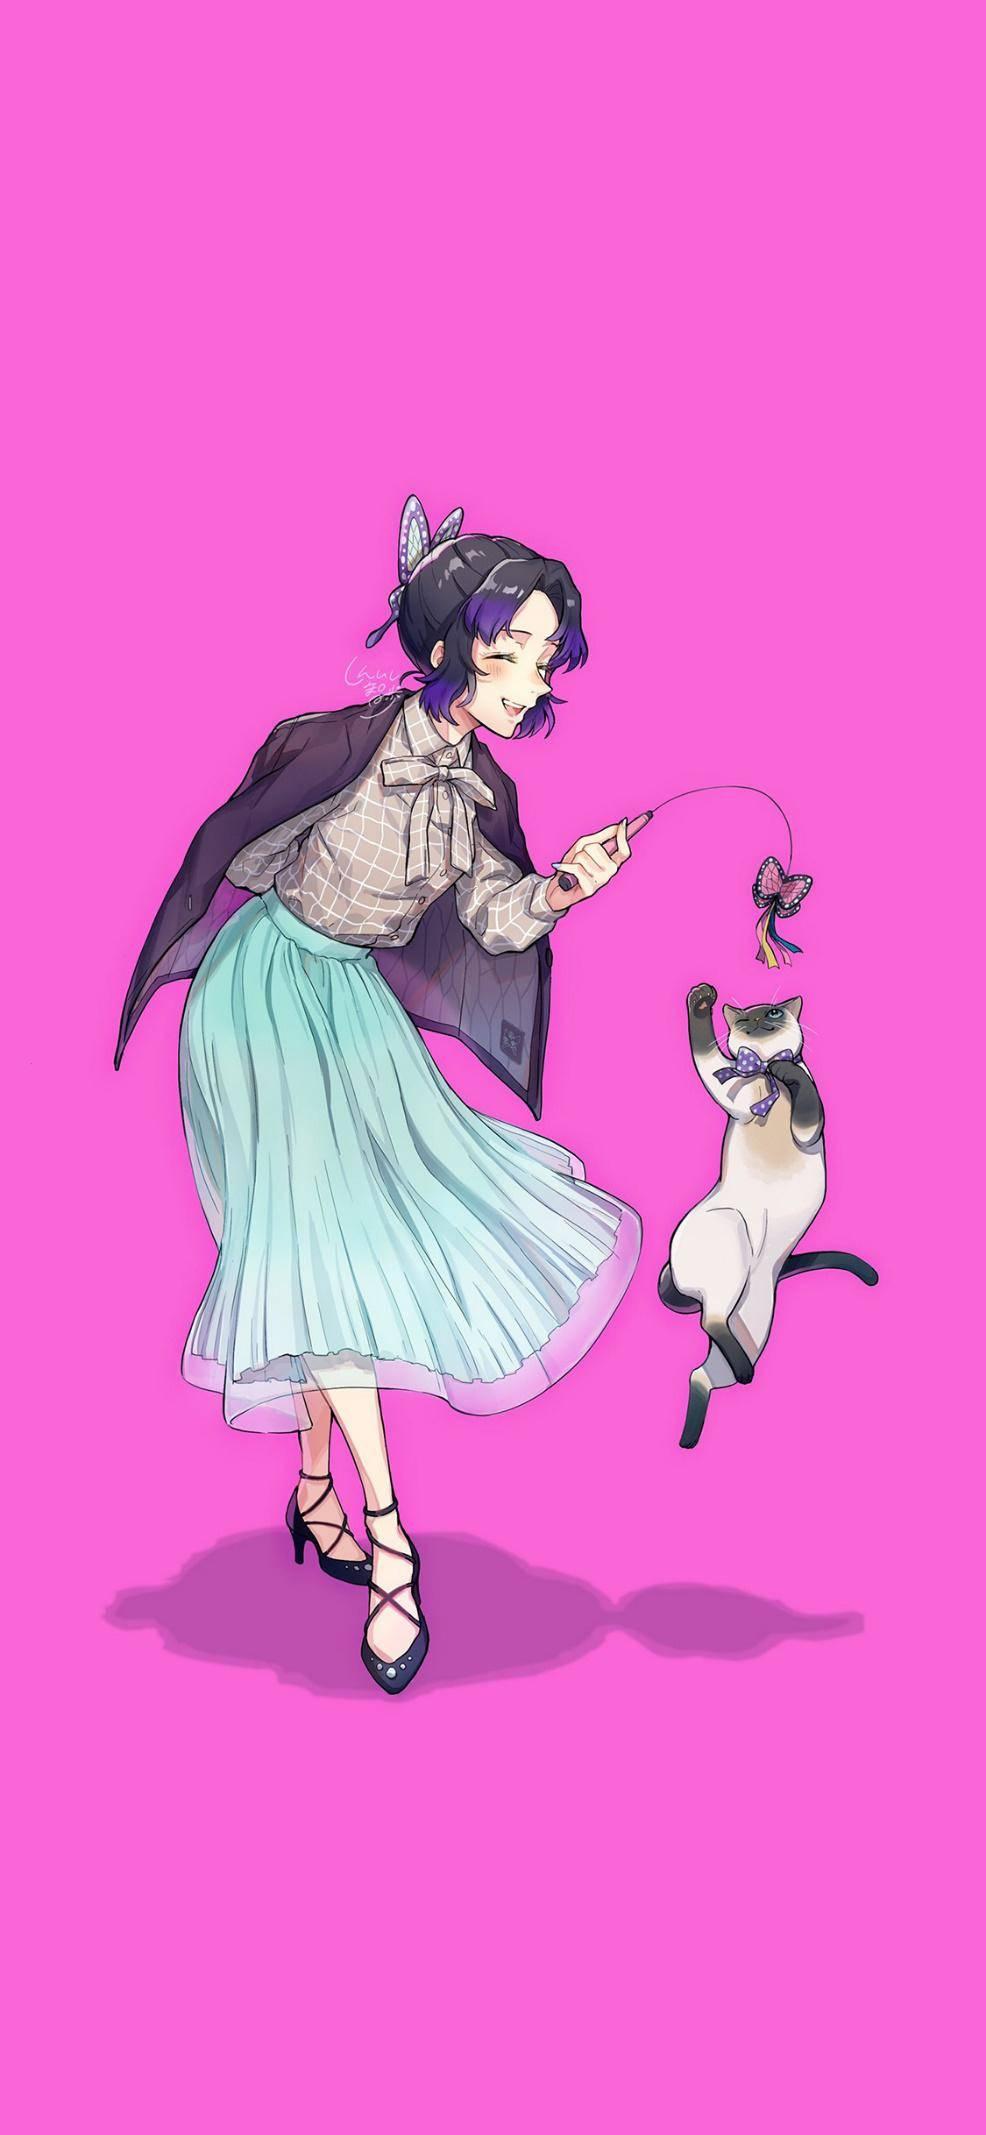 《鬼灭》九柱和他们的小猫咪,恋柱养的是布偶